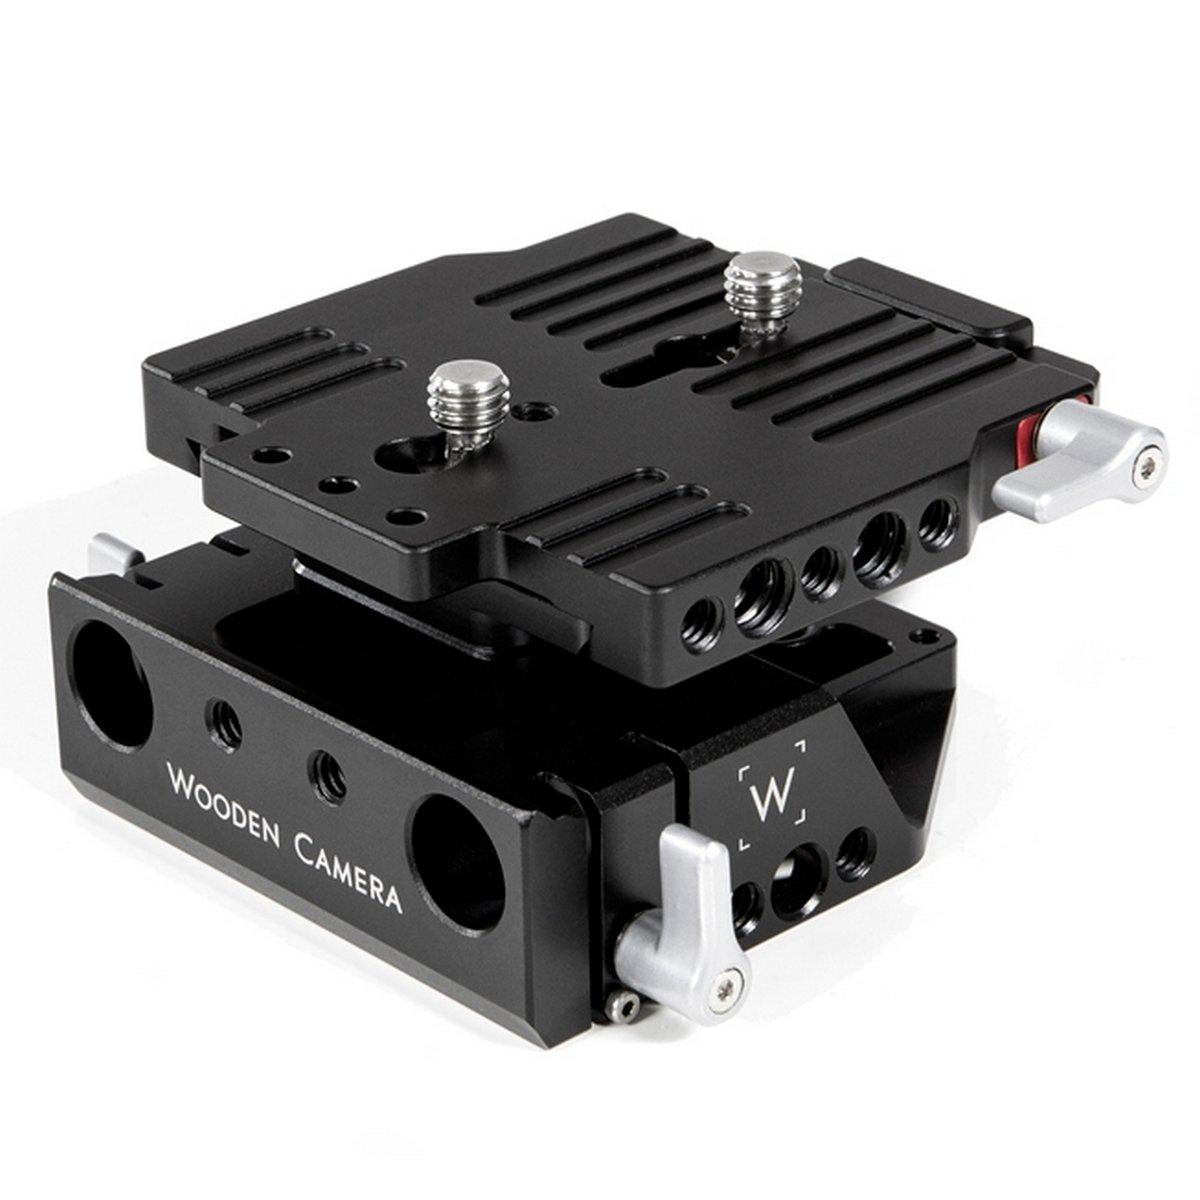 木製カメラ162400 |クイックベースベースプレートfor Phantom Miroカメラ   B00W67LN7E